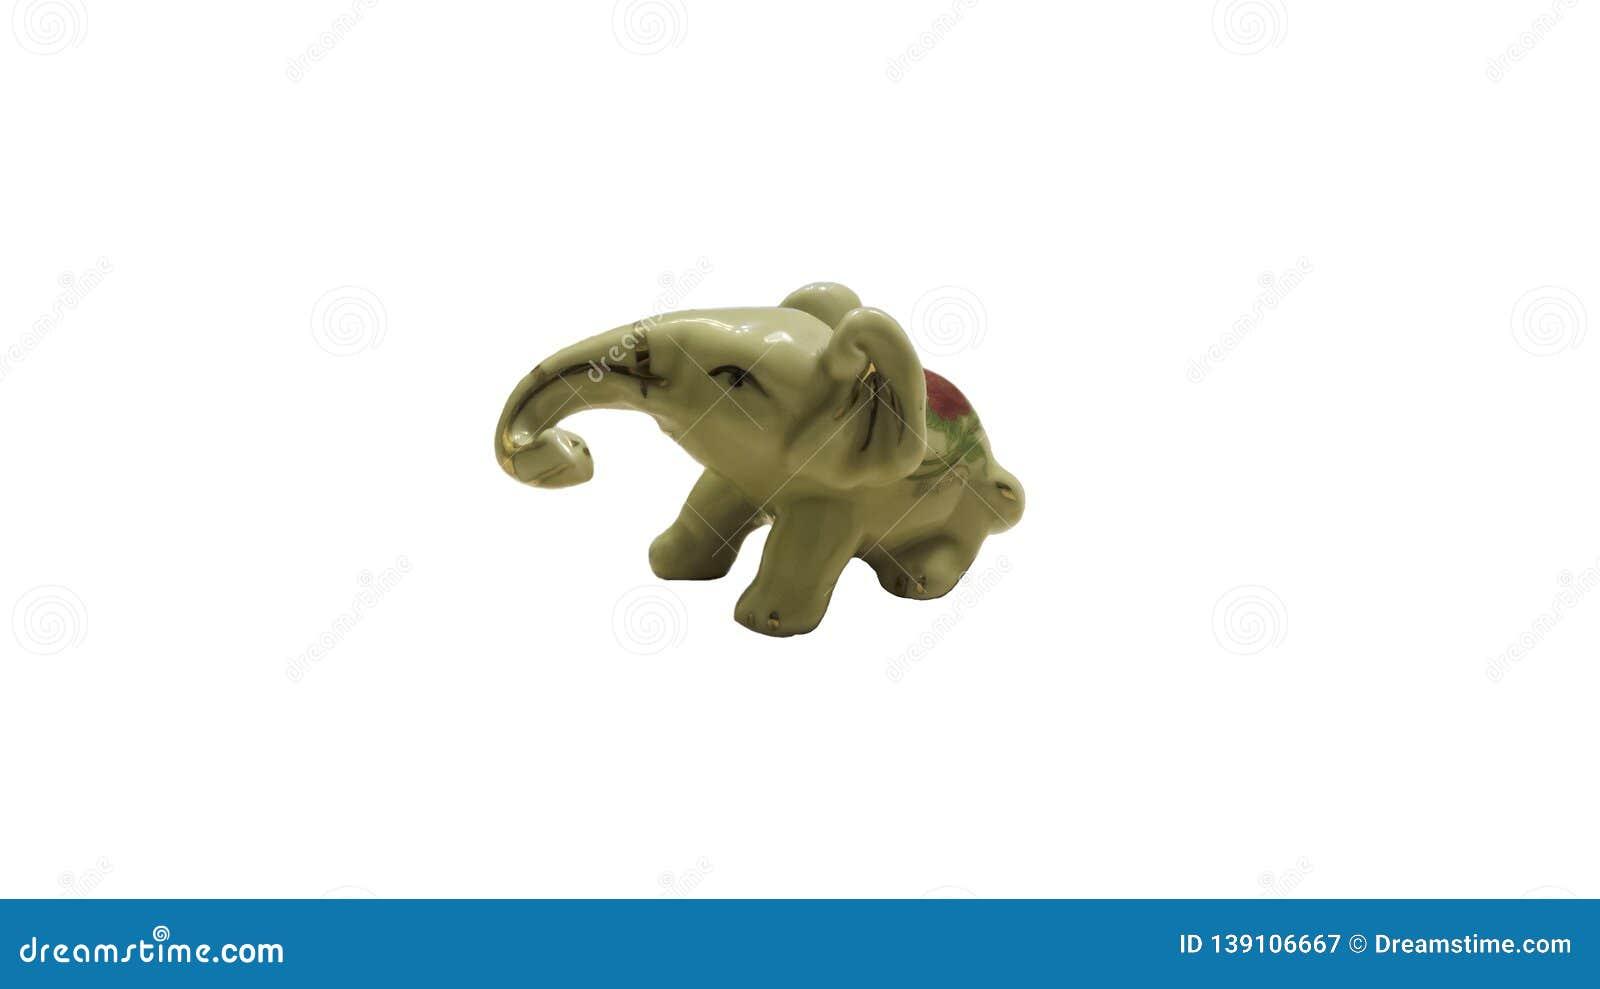 Elephant plaster statuette